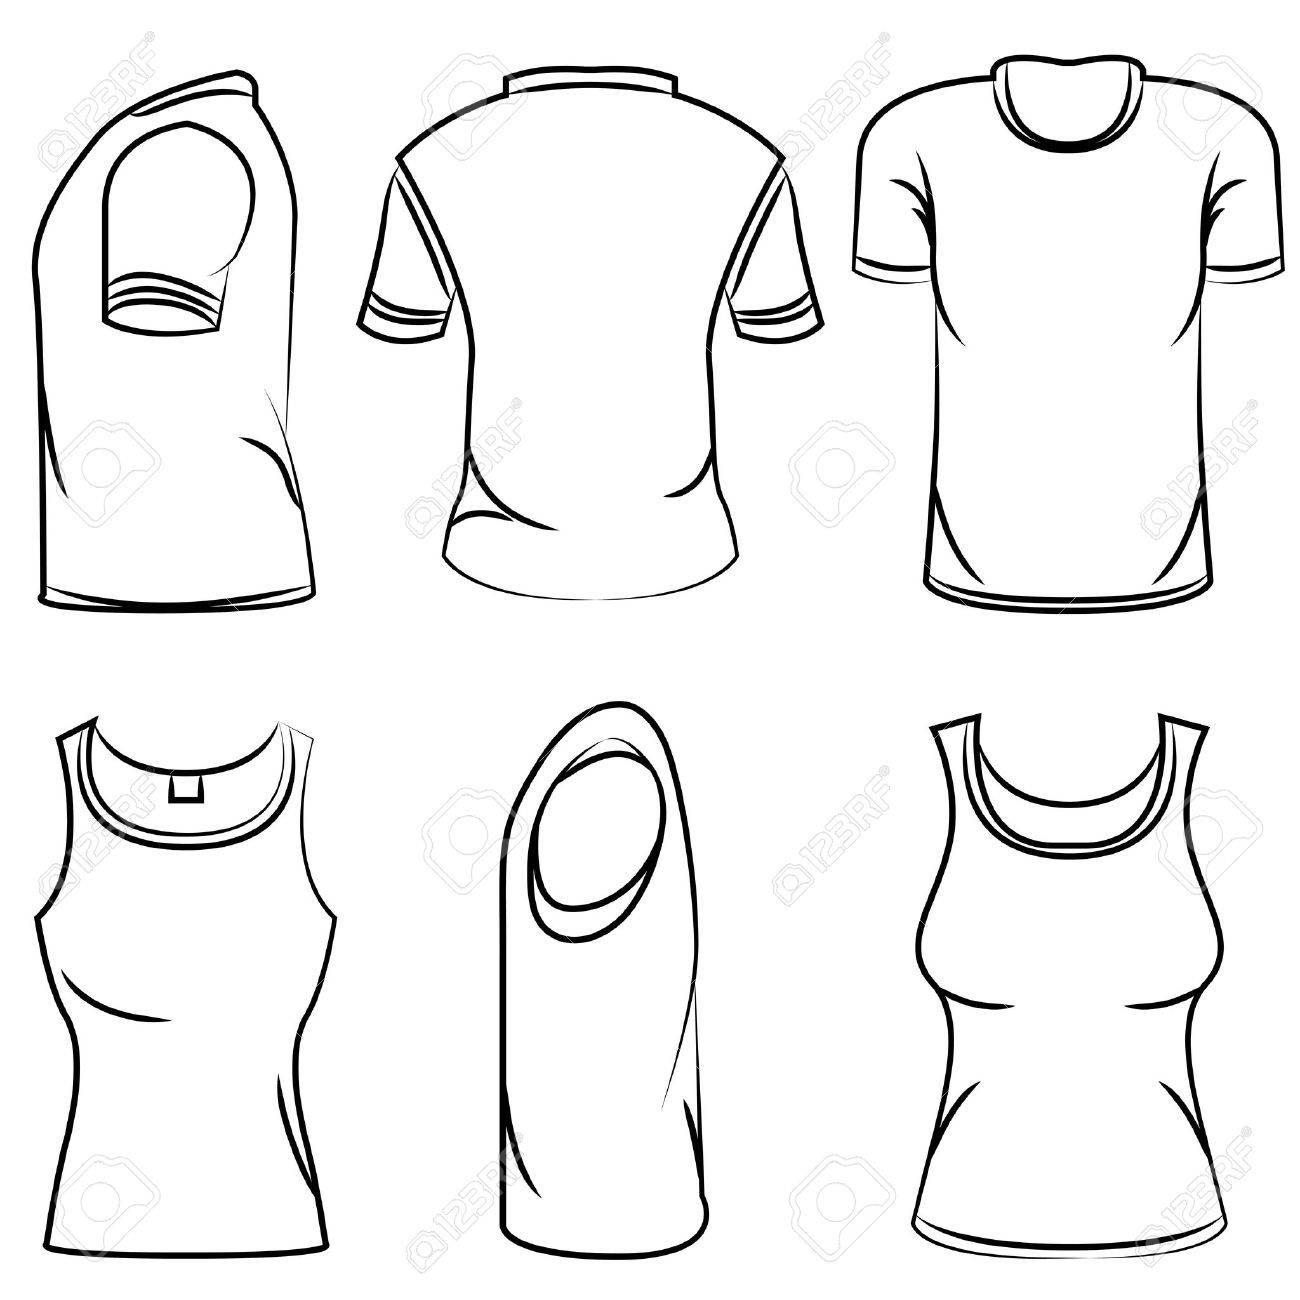 Tee Shirt Drawing At Getdrawings